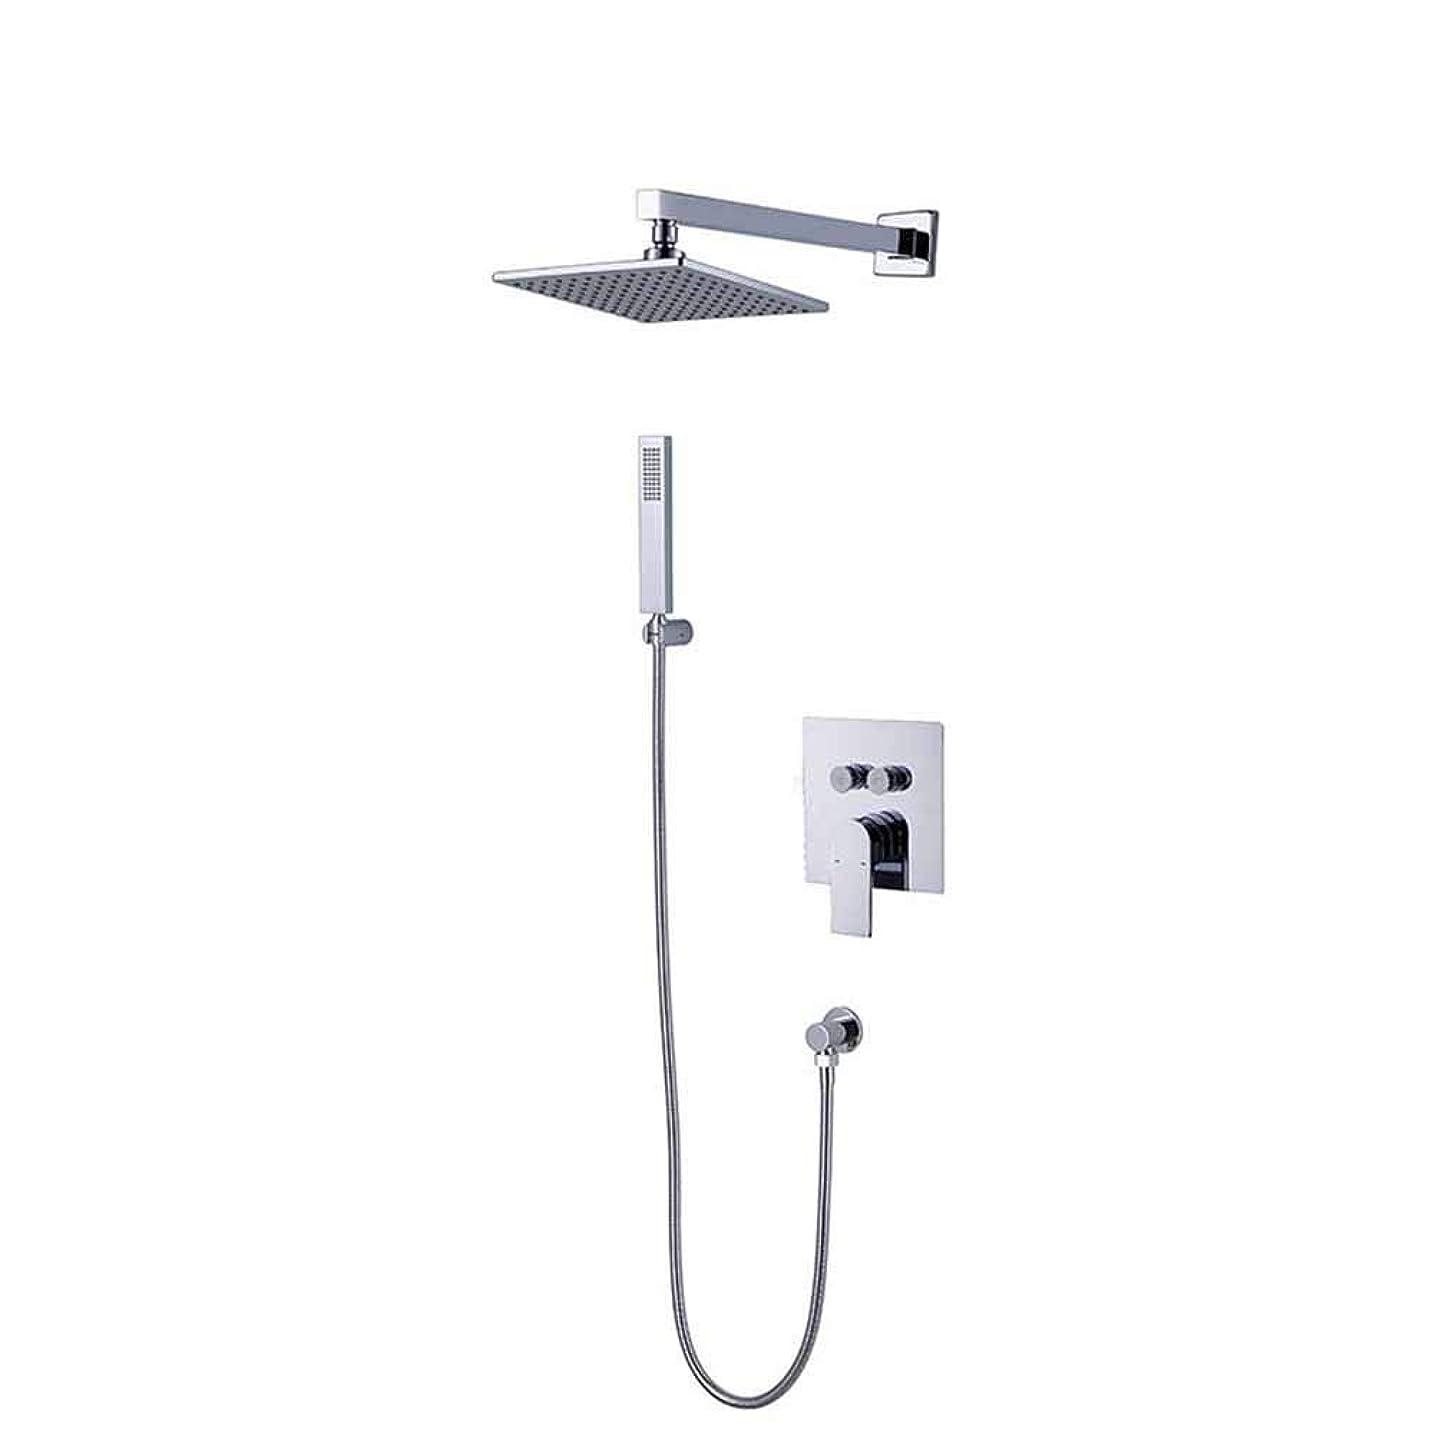 冷ややかな評価するプログラムGulakey システムシャワー、バスルームシャワーミキサーセットステンレス鋼真鍮CHROMシャワーセット蛇口ダークウォール別々のボタンデザインヘッドハンドセットをマウント